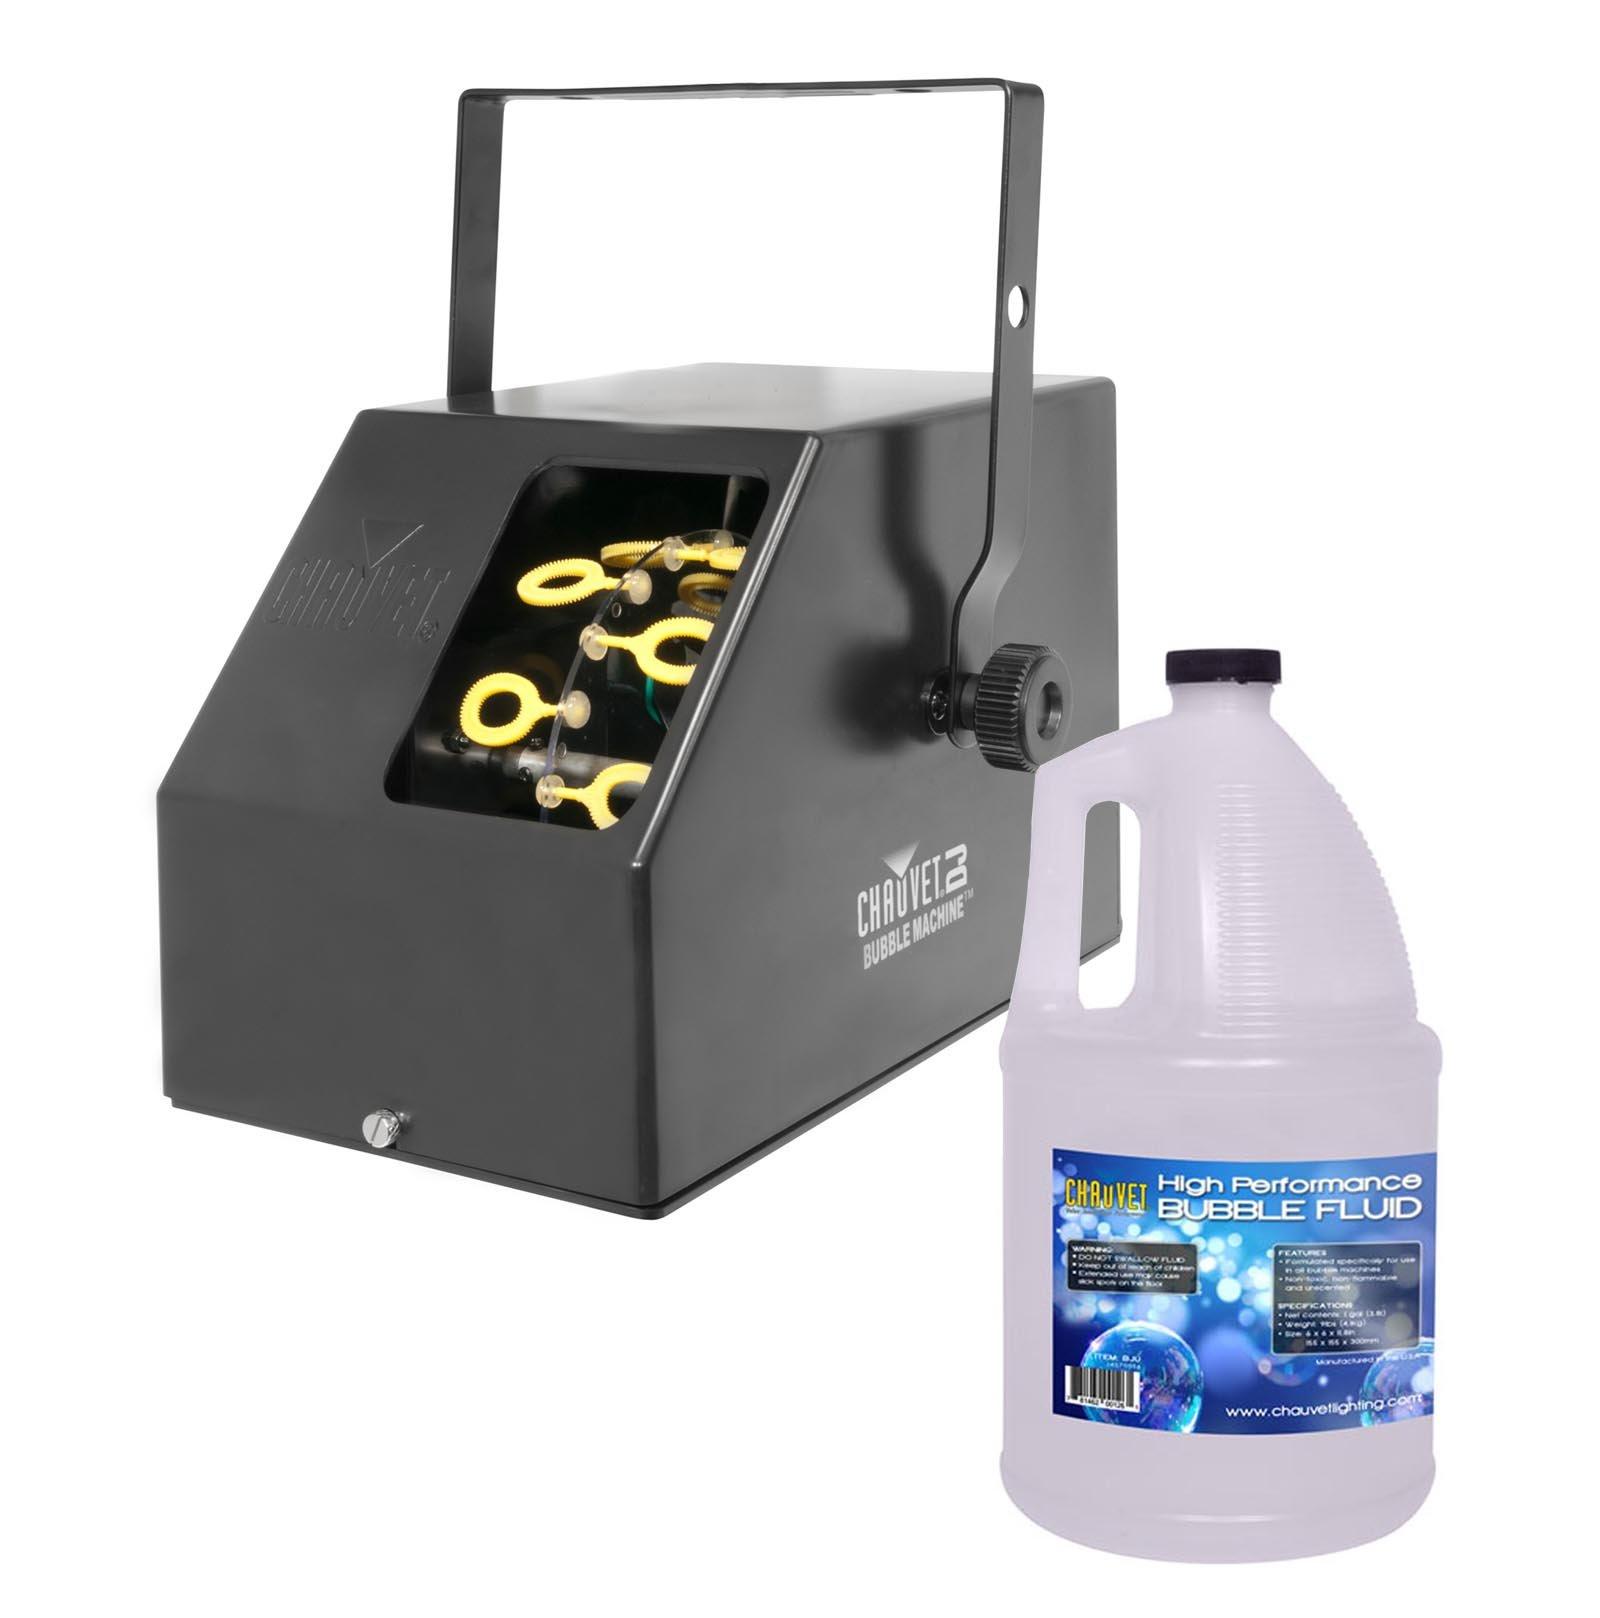 CHAUVET B-250 Portable Pro DJ Effect Bubble Machine + 1 Gallon BJU Bubble Fluid by CHAUVET DJ